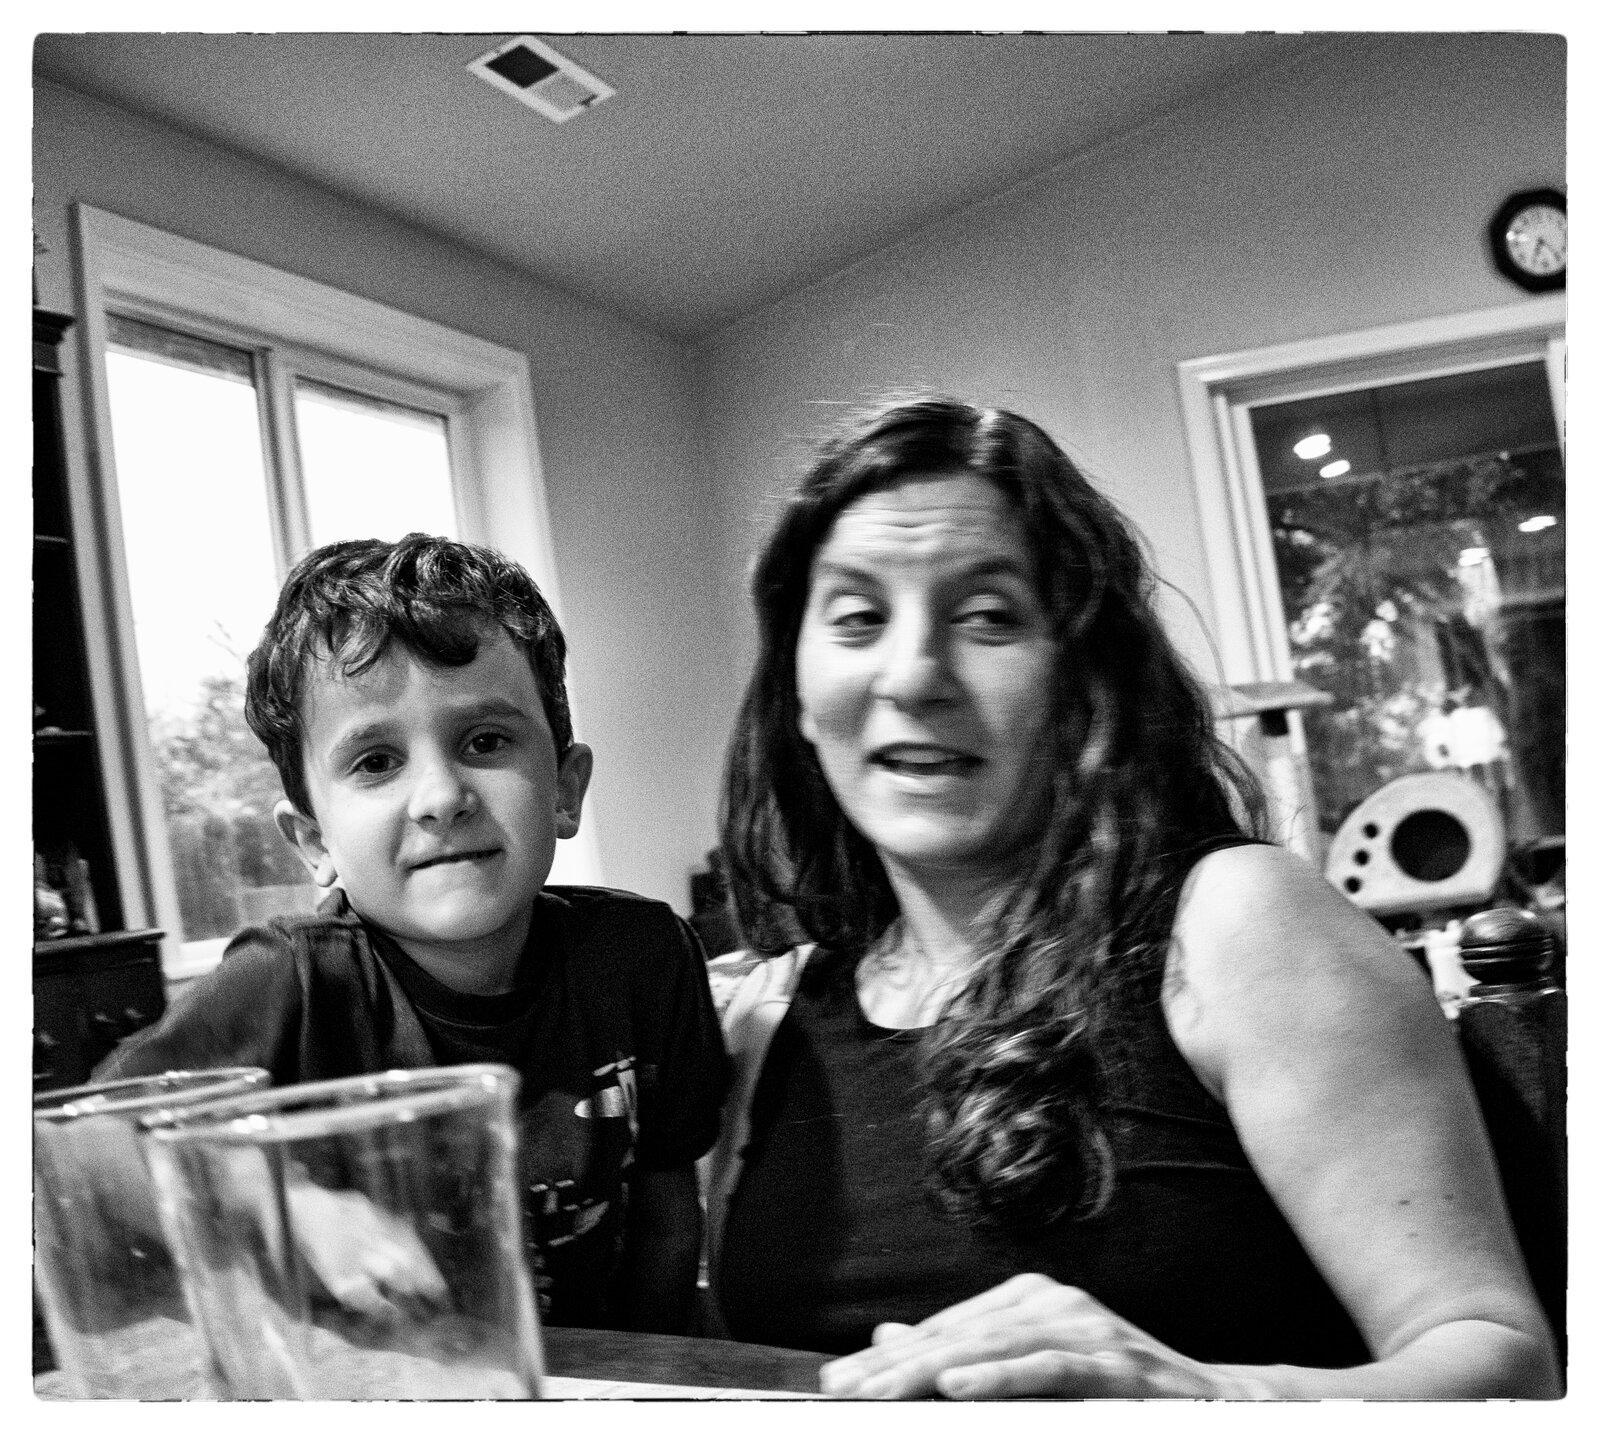 Q7_Ira&Lina_family_portrait.jpg